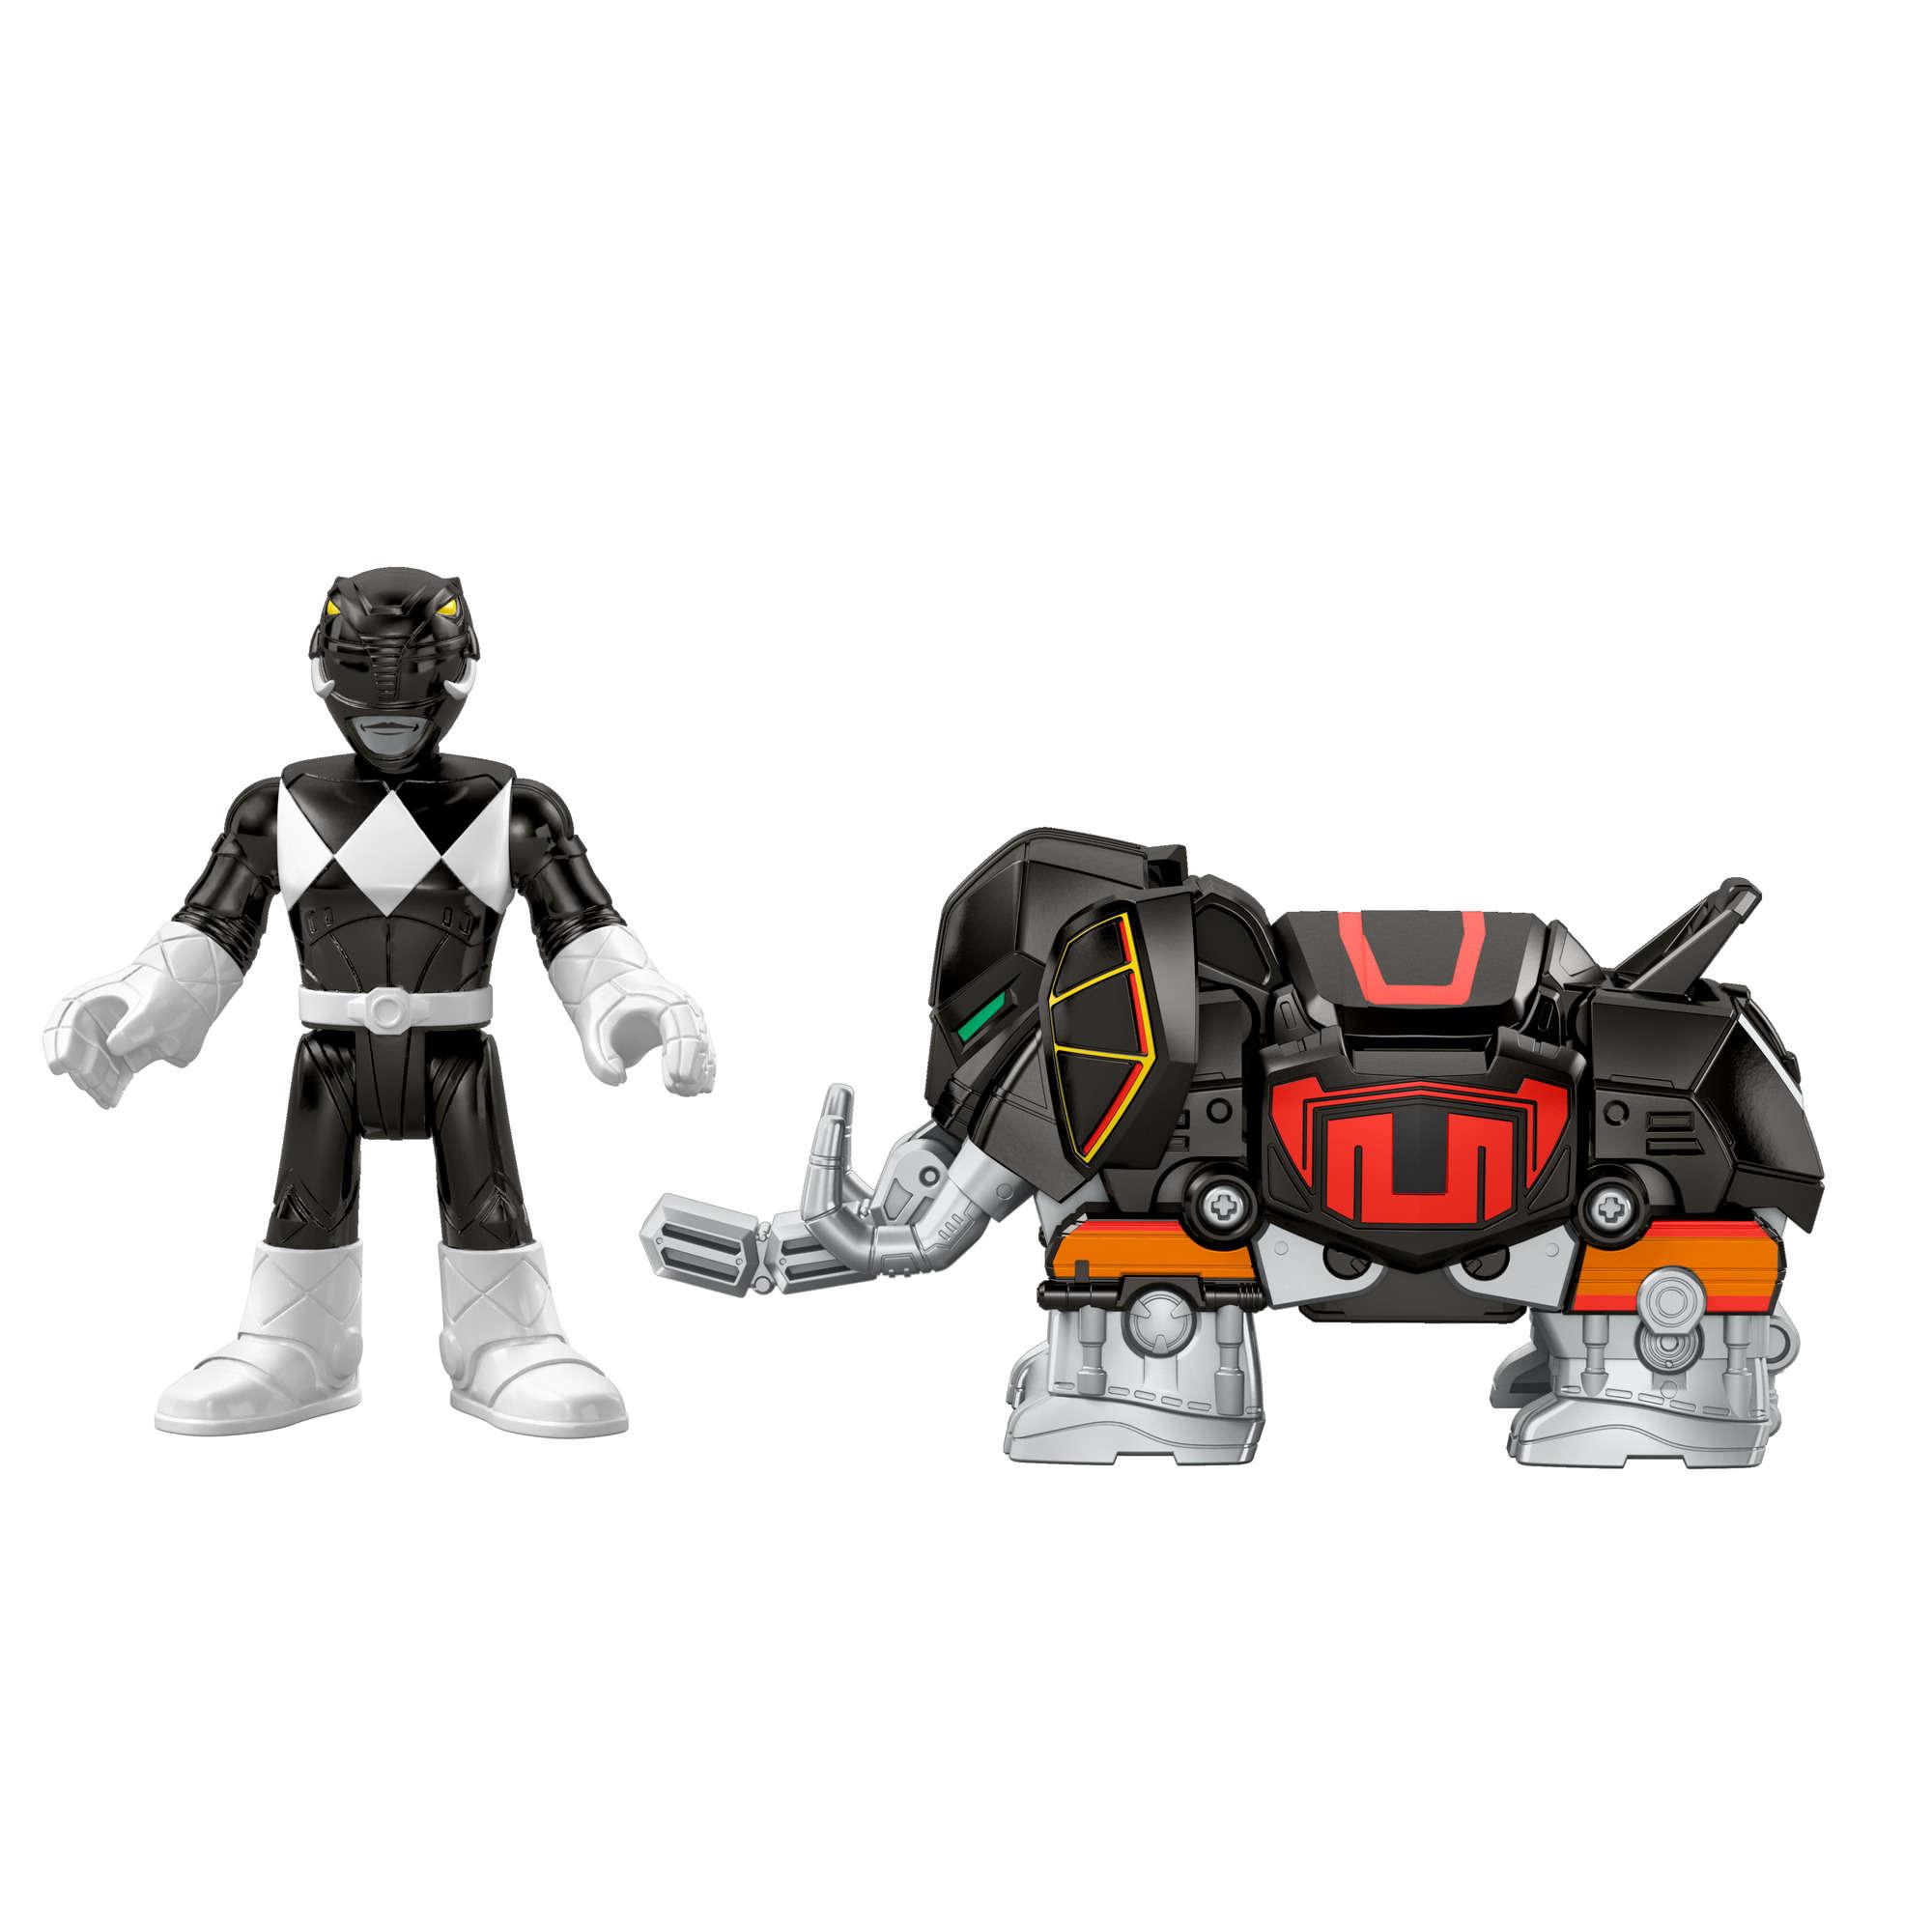 IMaginext Power Rangers Battle Armor Black Ranger by Fisher-Price